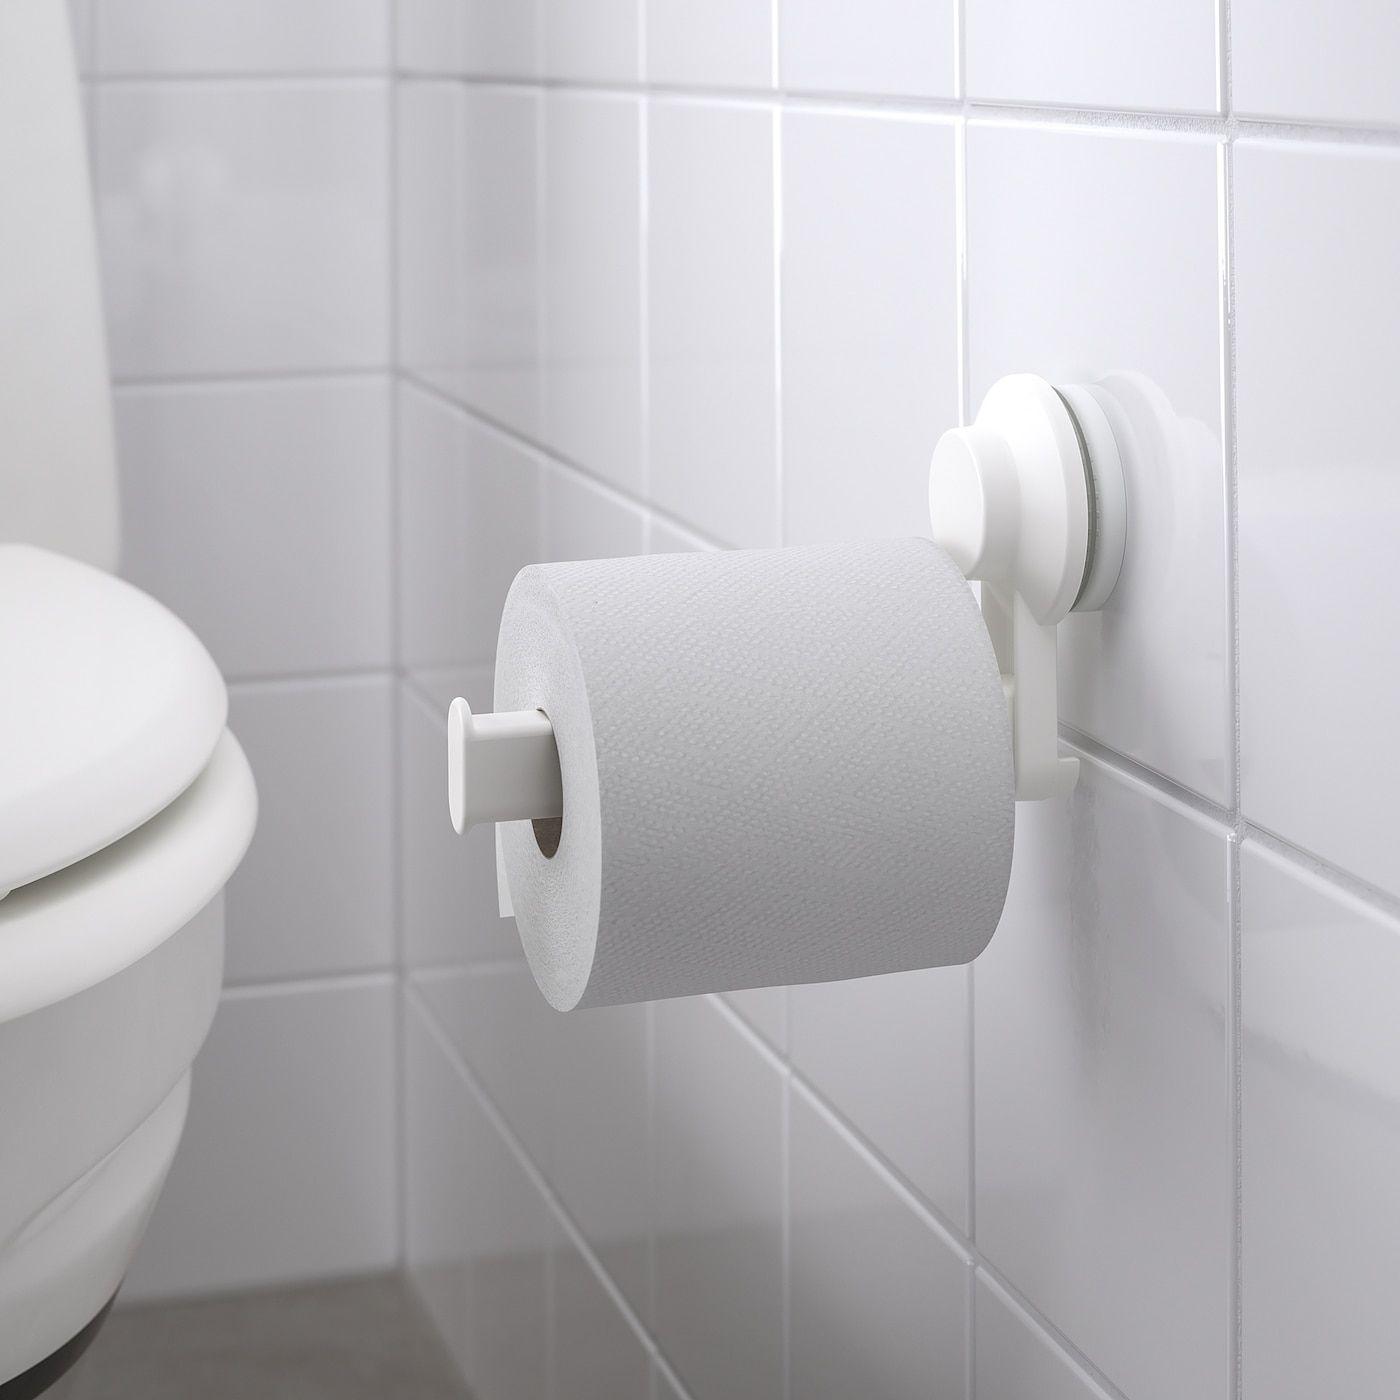 Tisken White Toilet Roll Holder With Suction Cup Ikea Toilet Roll Holder Toilet Accessories Toilet Paper Holder